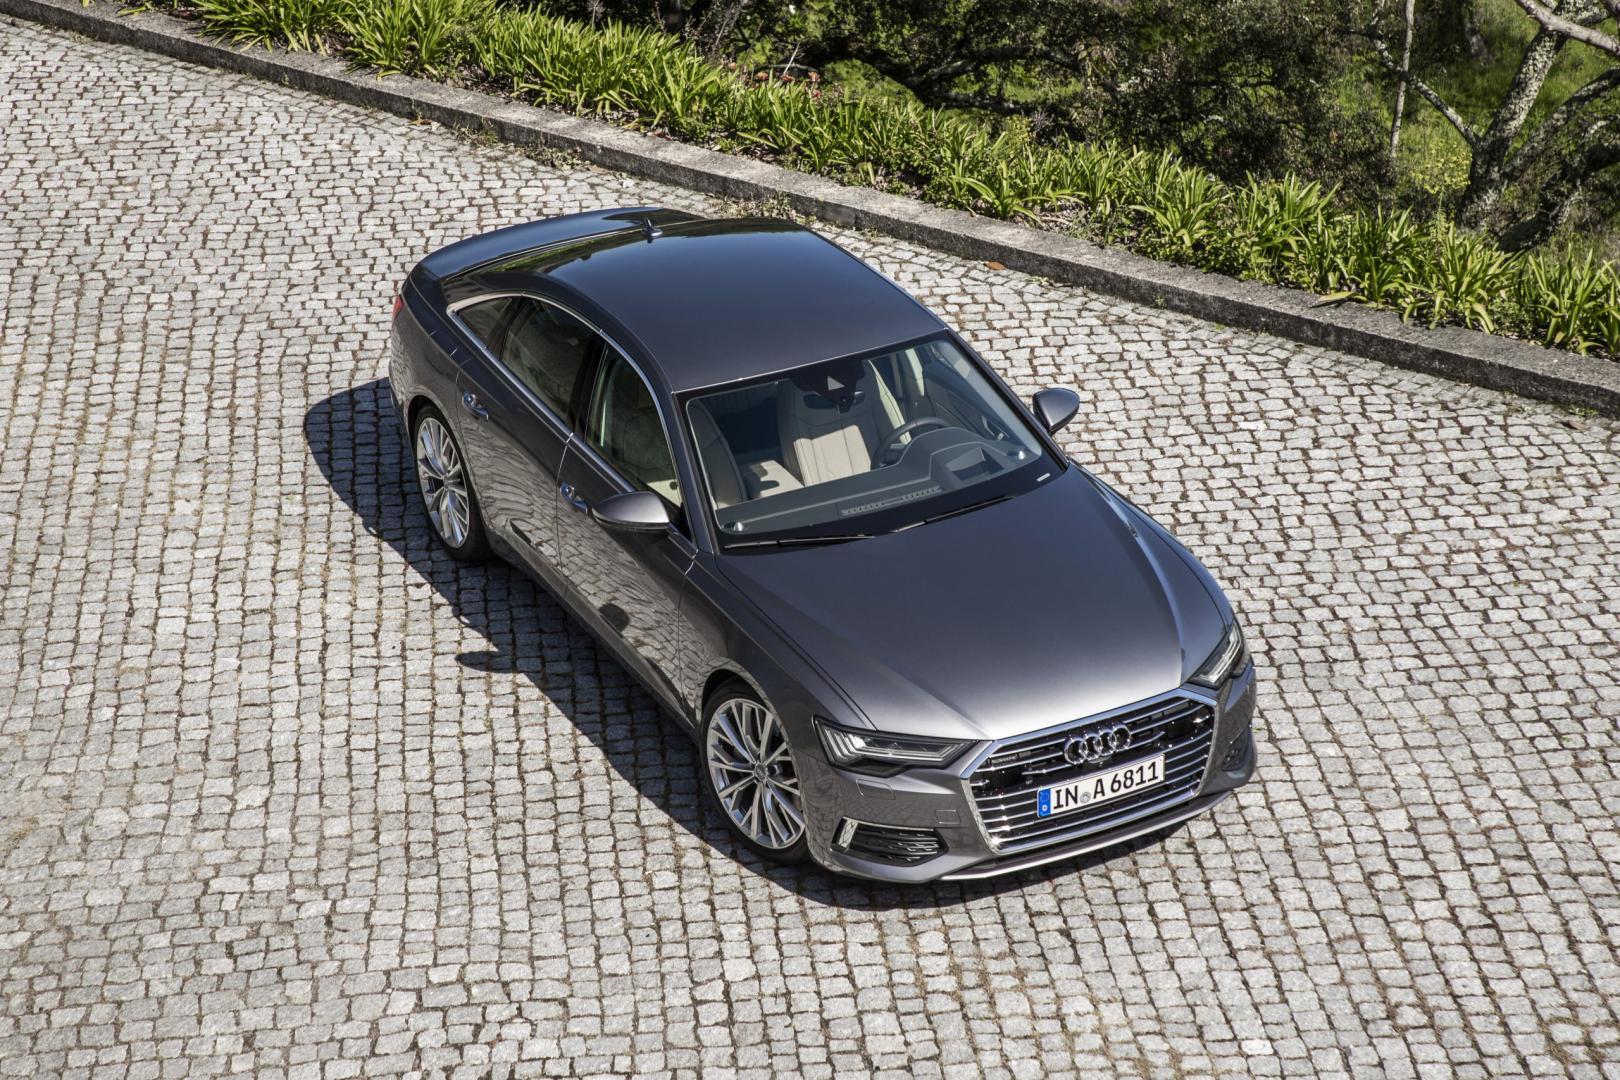 Audi A6 55 TFSI Quattro bovenkant